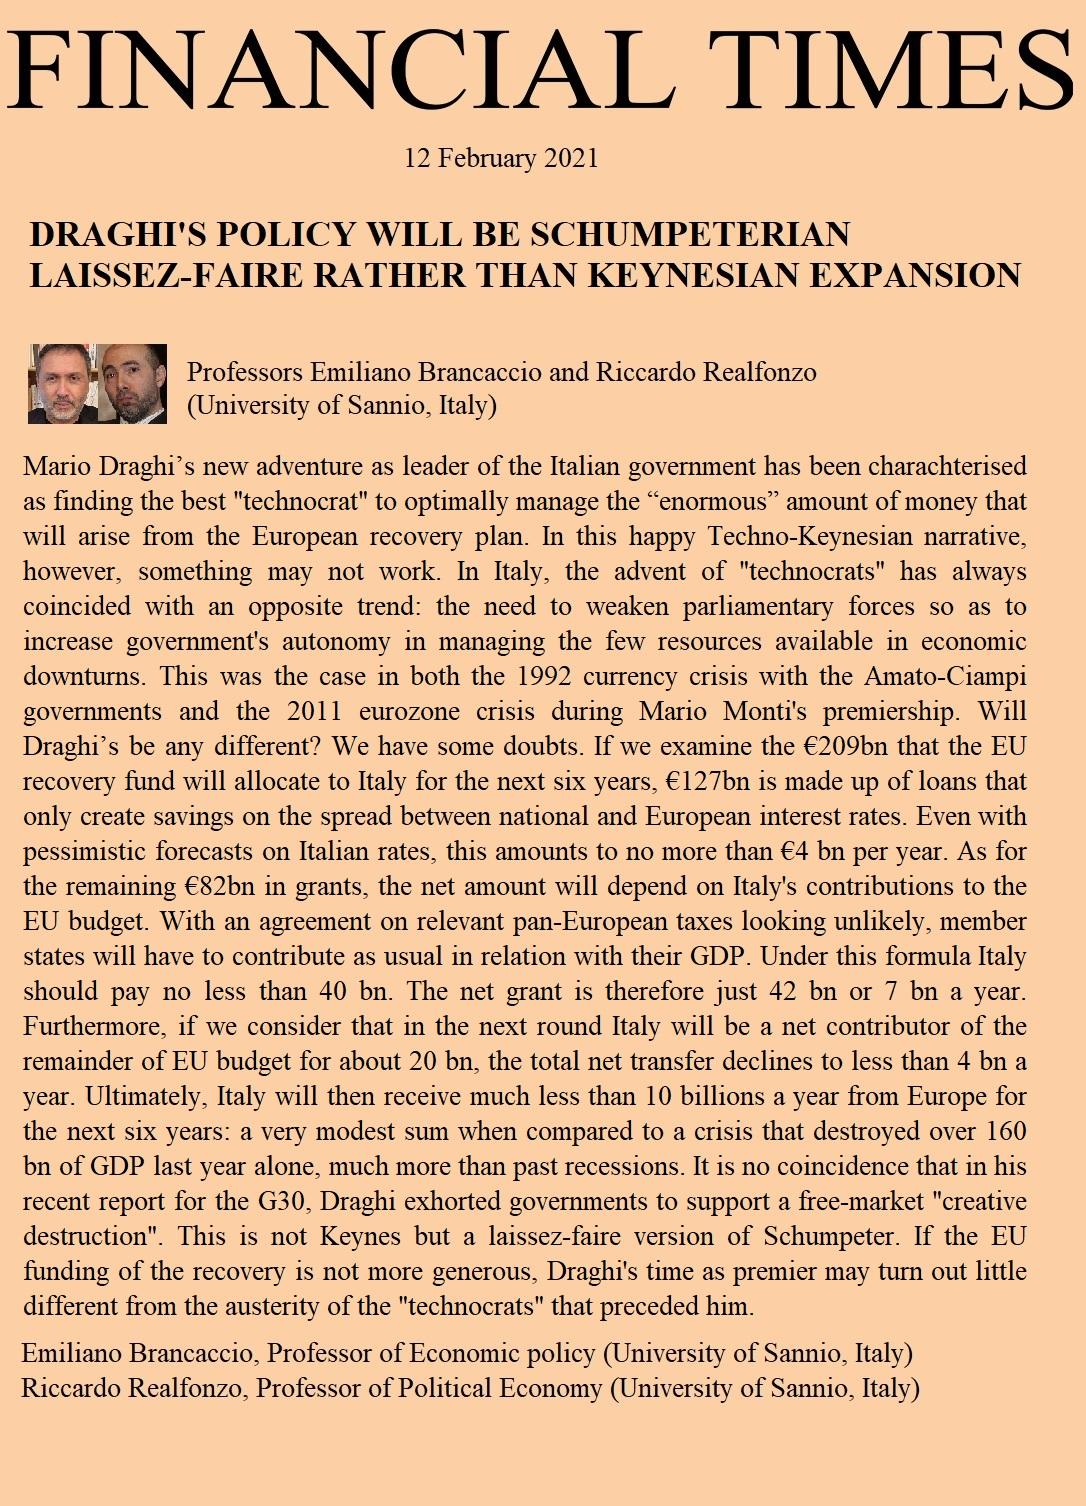 La politica di draghi: liberismo schumpeteriano piu' che espansione keynesiana